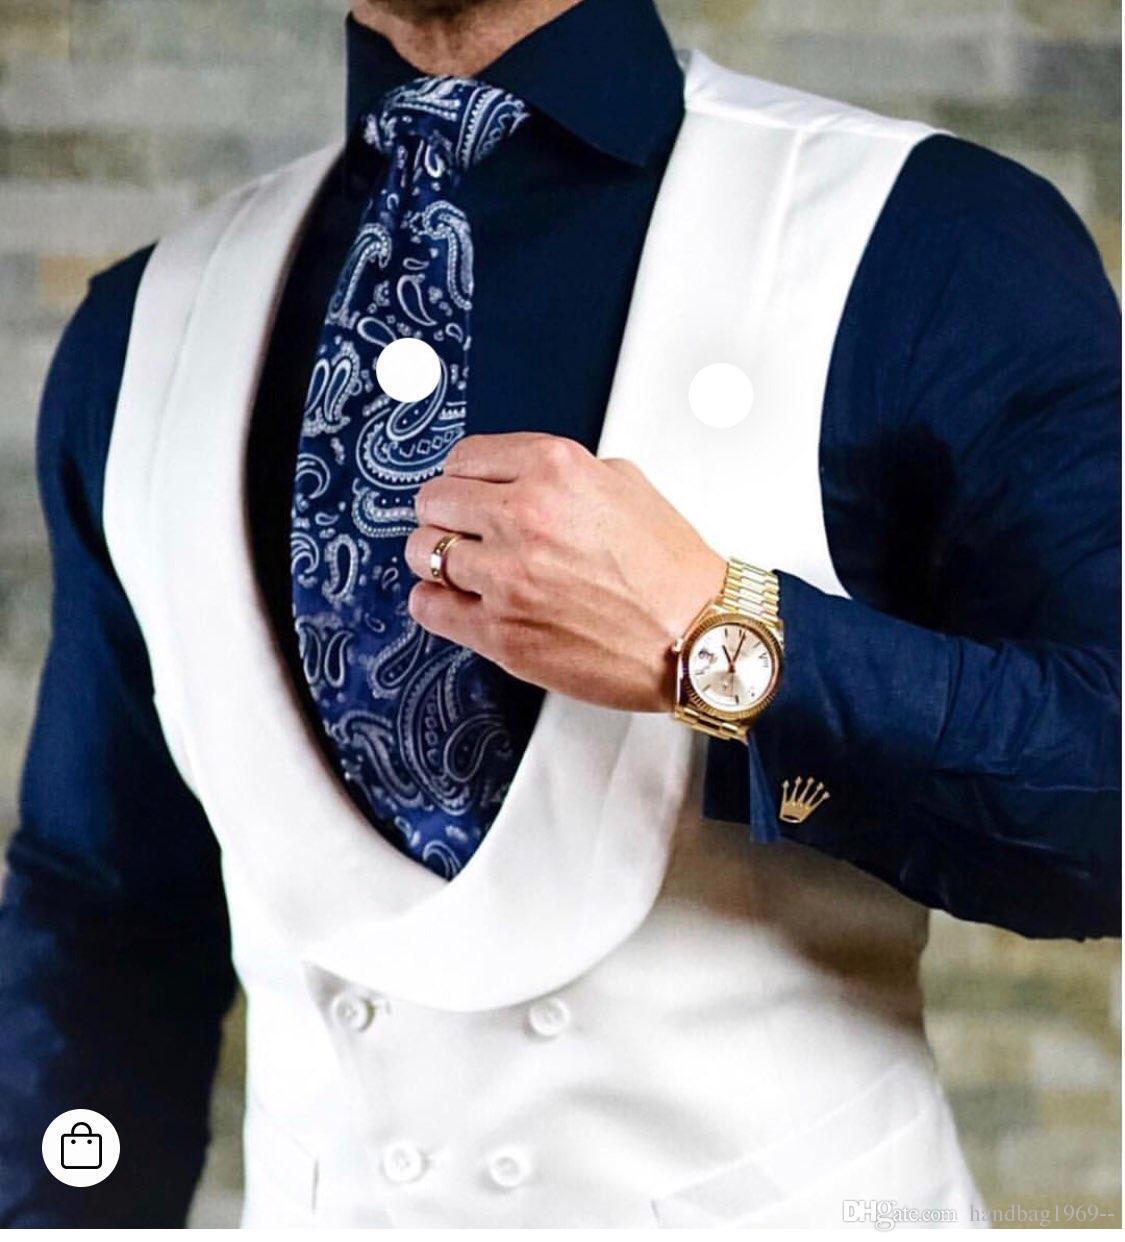 جديد نمط مزدوج برستد الأبيض العريس سترة الرجل صدرية رفقاء العريس رجل الزفاف ارتداء الصدرية رقم: 0799